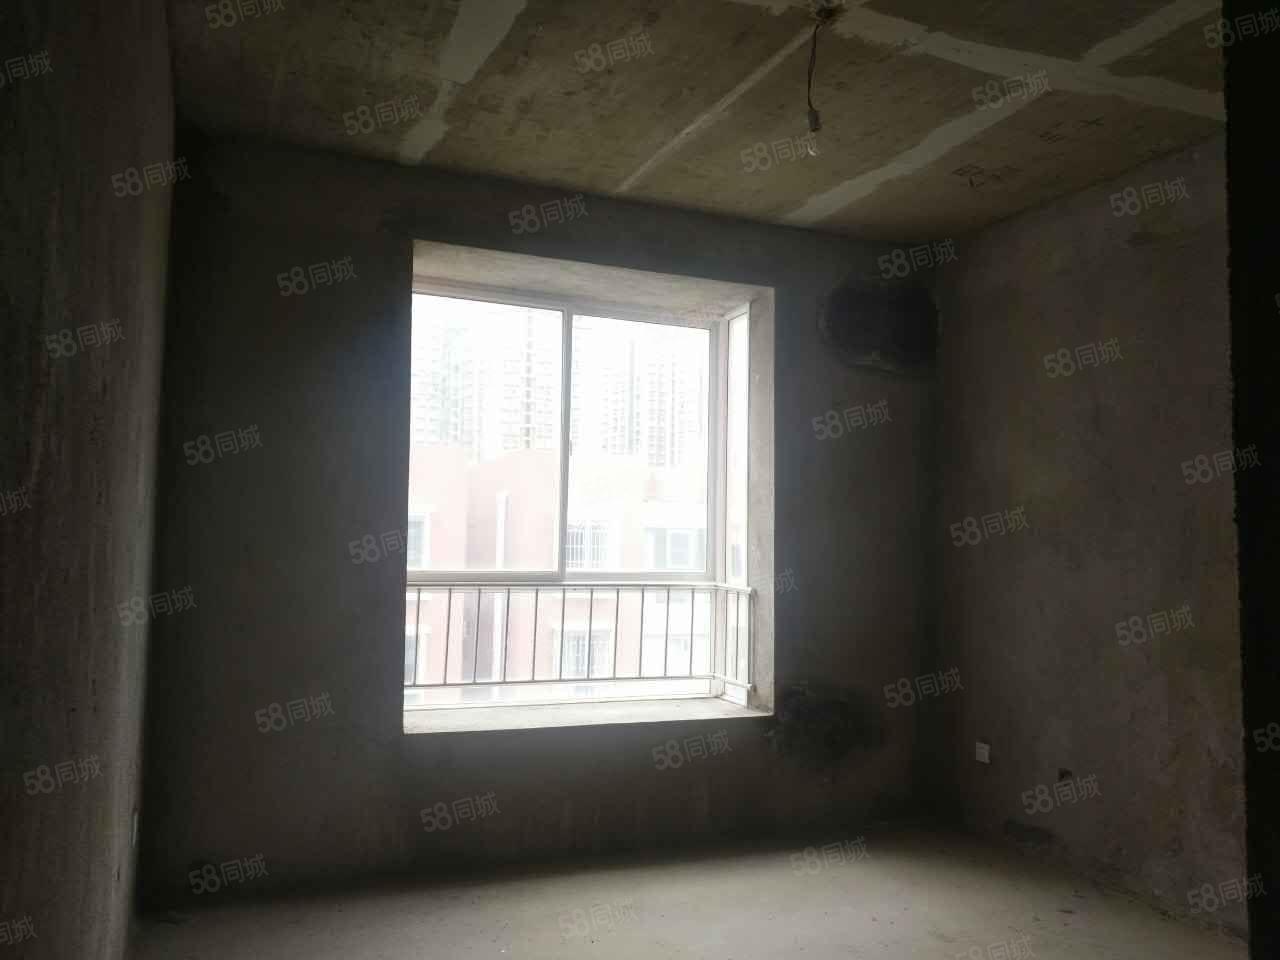 蒙自华泰盛景毛坯3室给你更多的装修空间